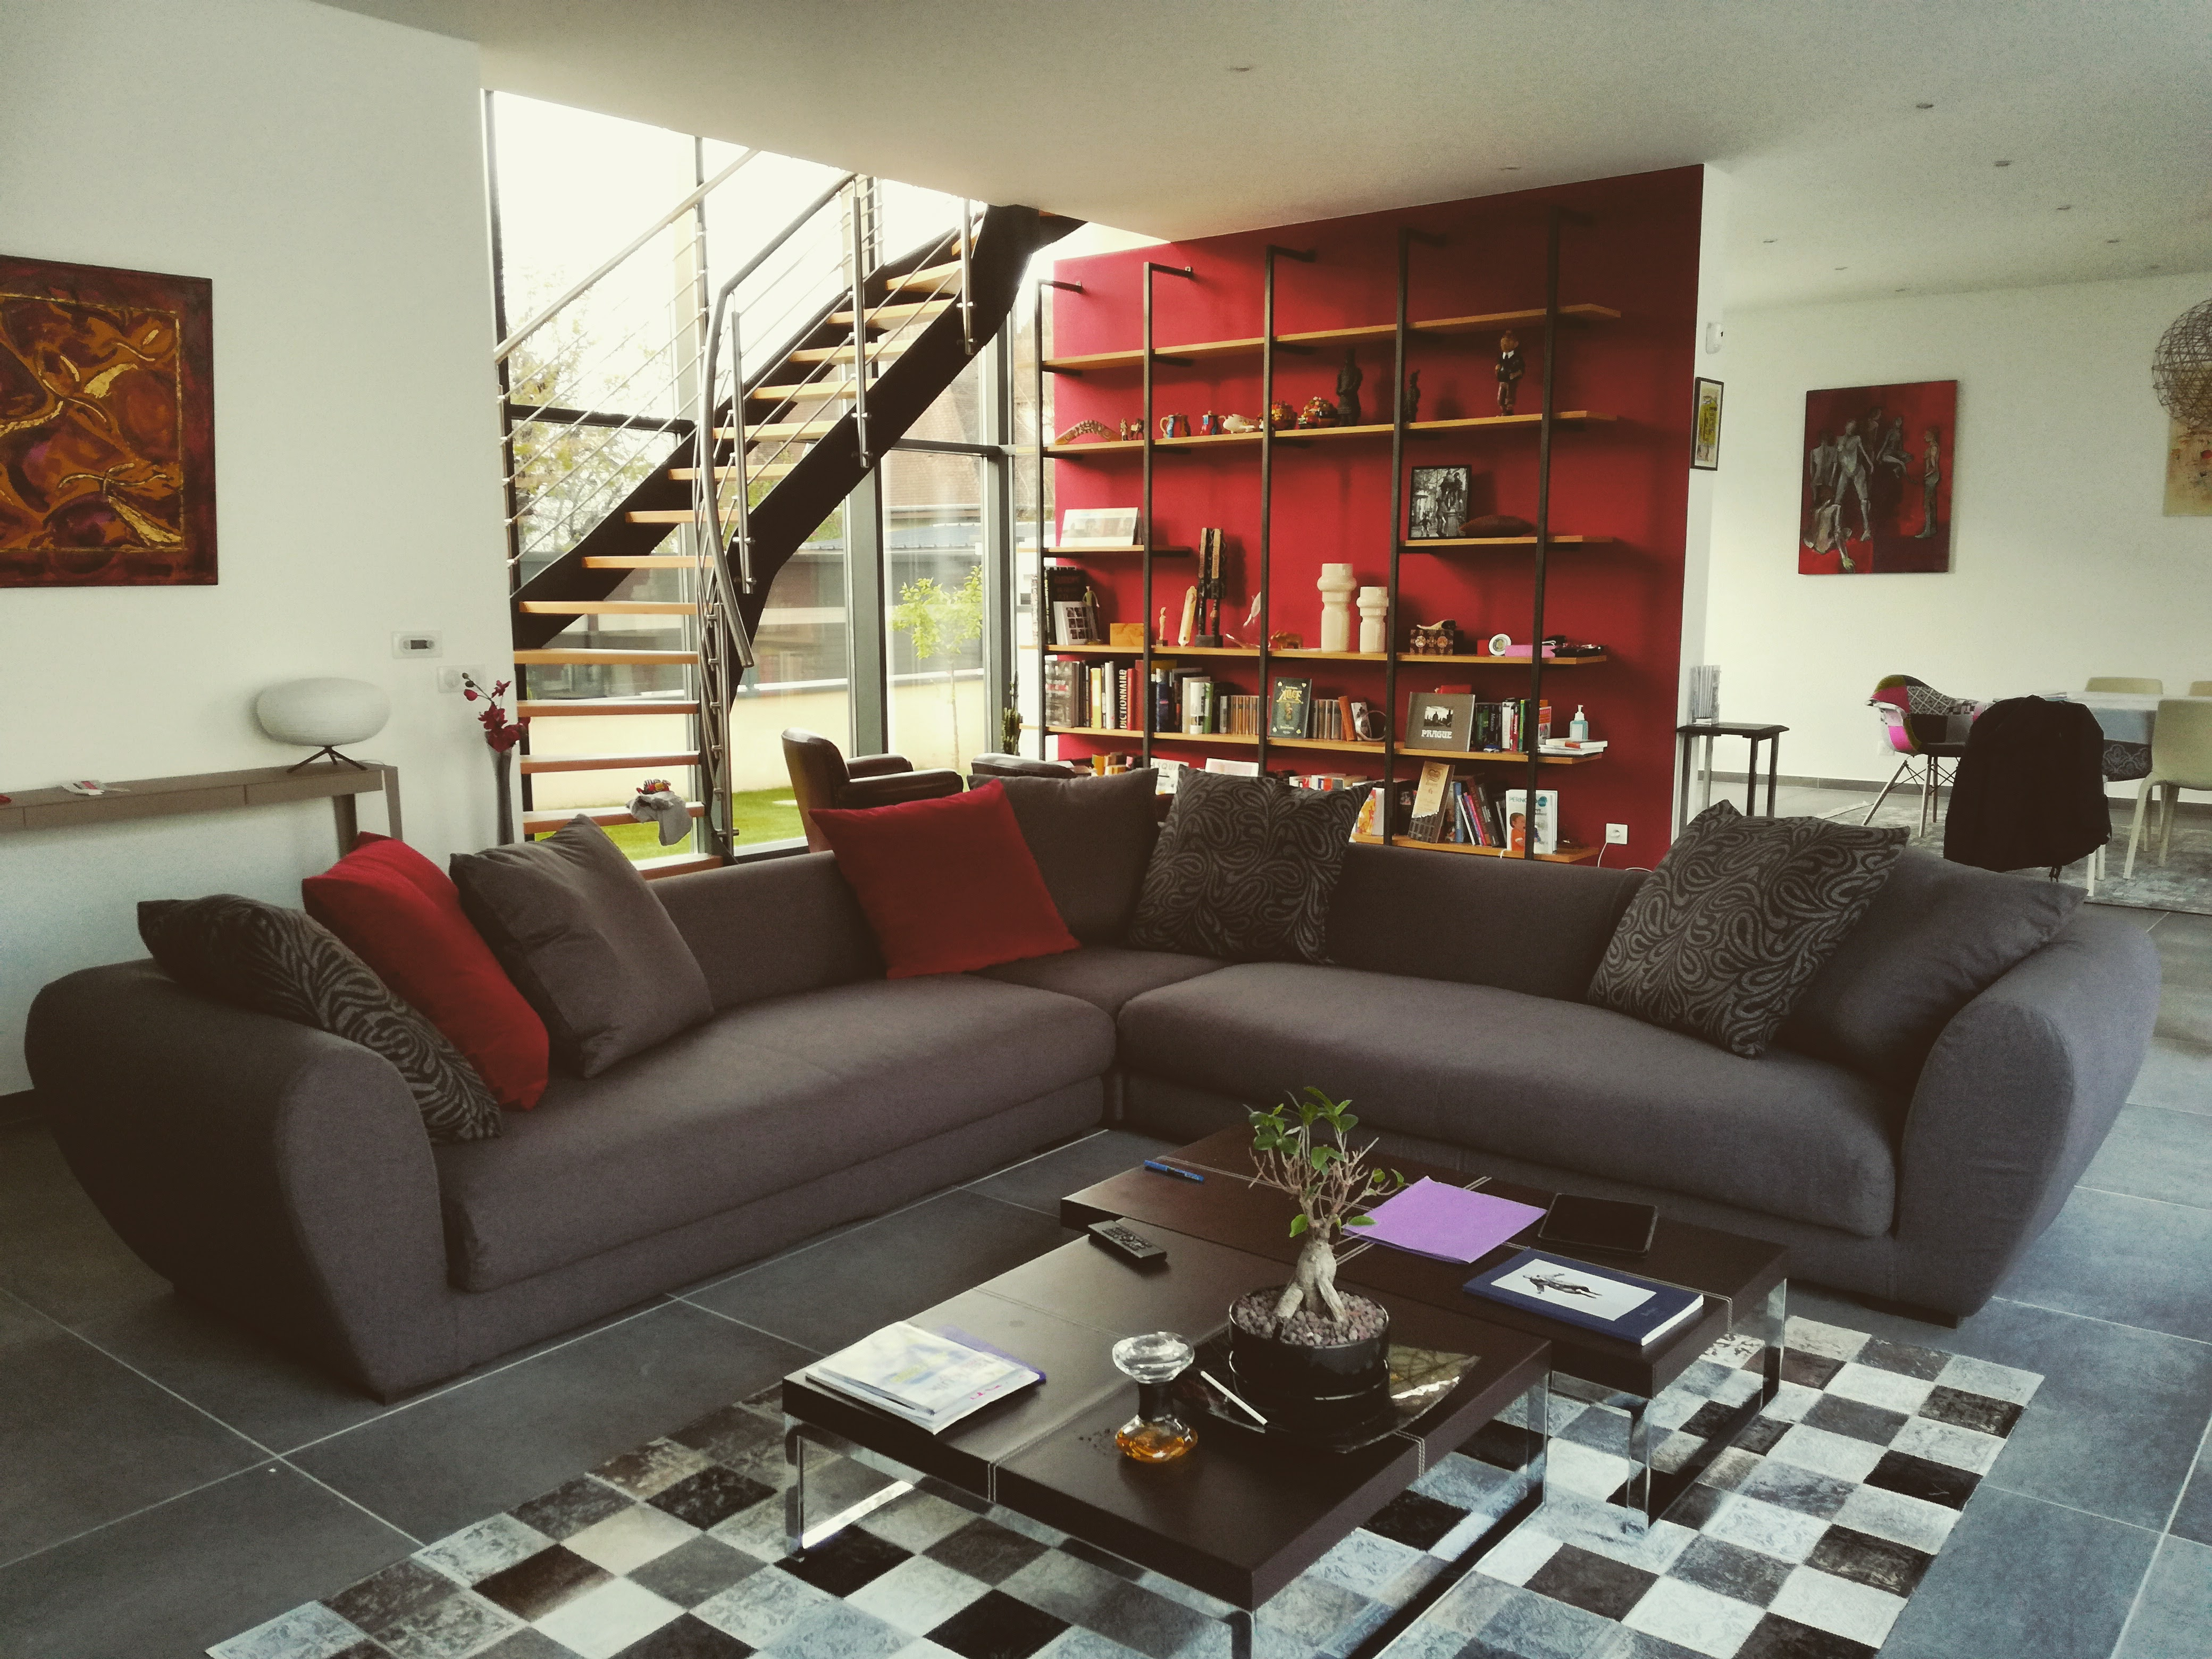 housses de canap s si ges et fauteuils sur mesure atelier du passage. Black Bedroom Furniture Sets. Home Design Ideas